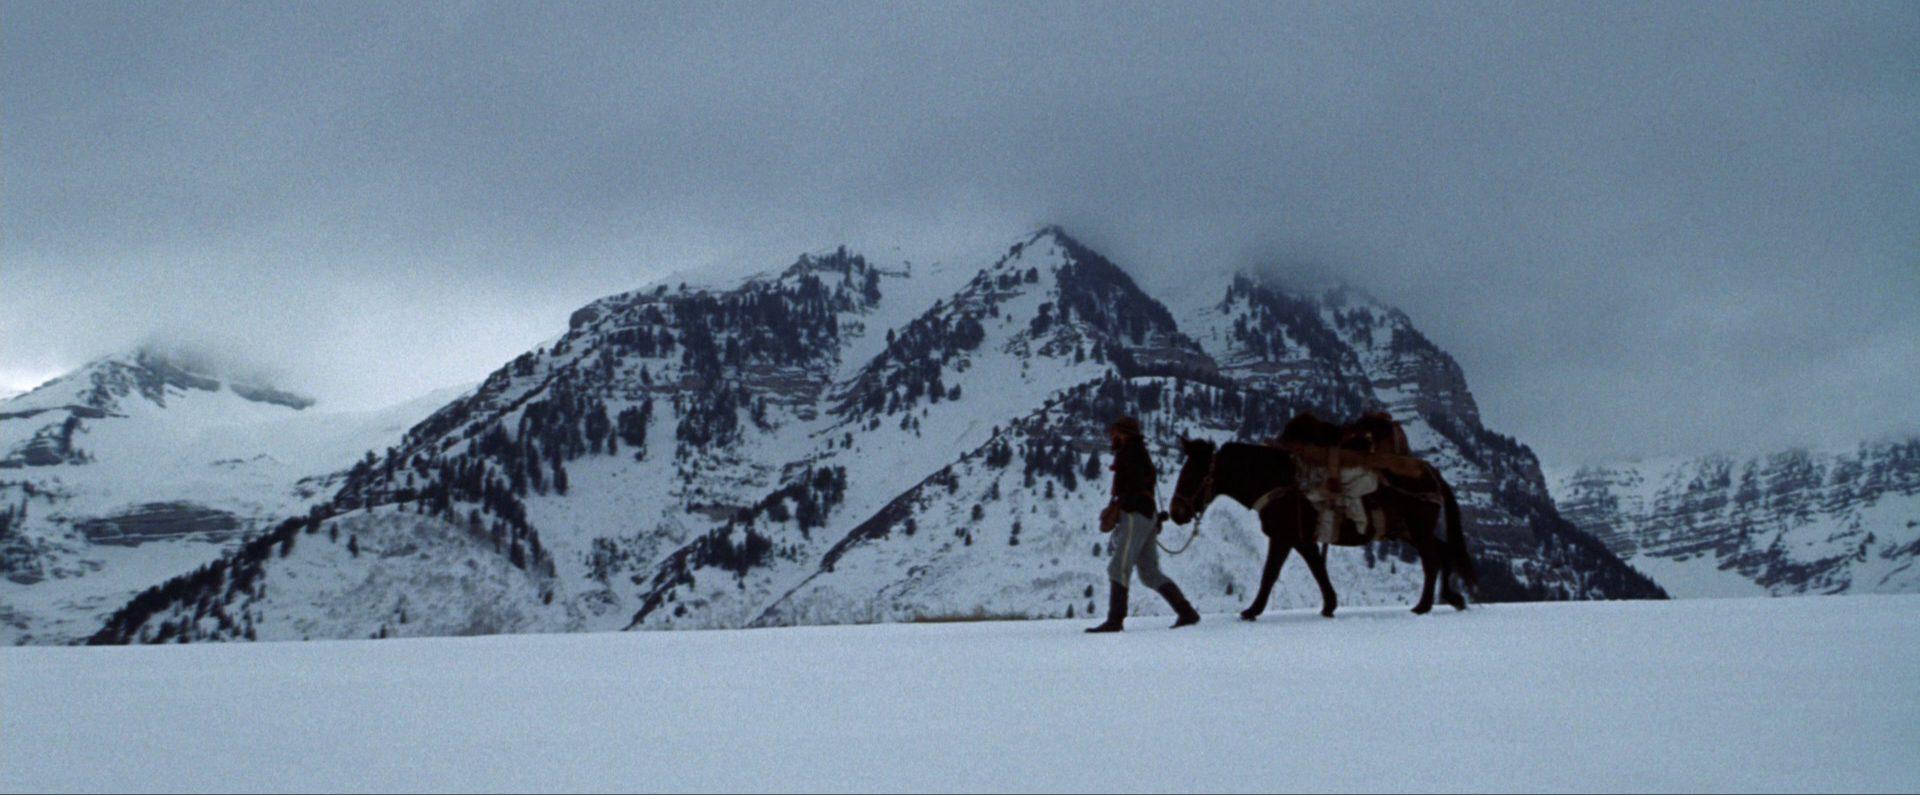 Robert Redford stapft als Jeremiah Johnson mit Pferd im an der Leine durch eine eisige Landschaft, im Hintergrund verschneites Gebirge.